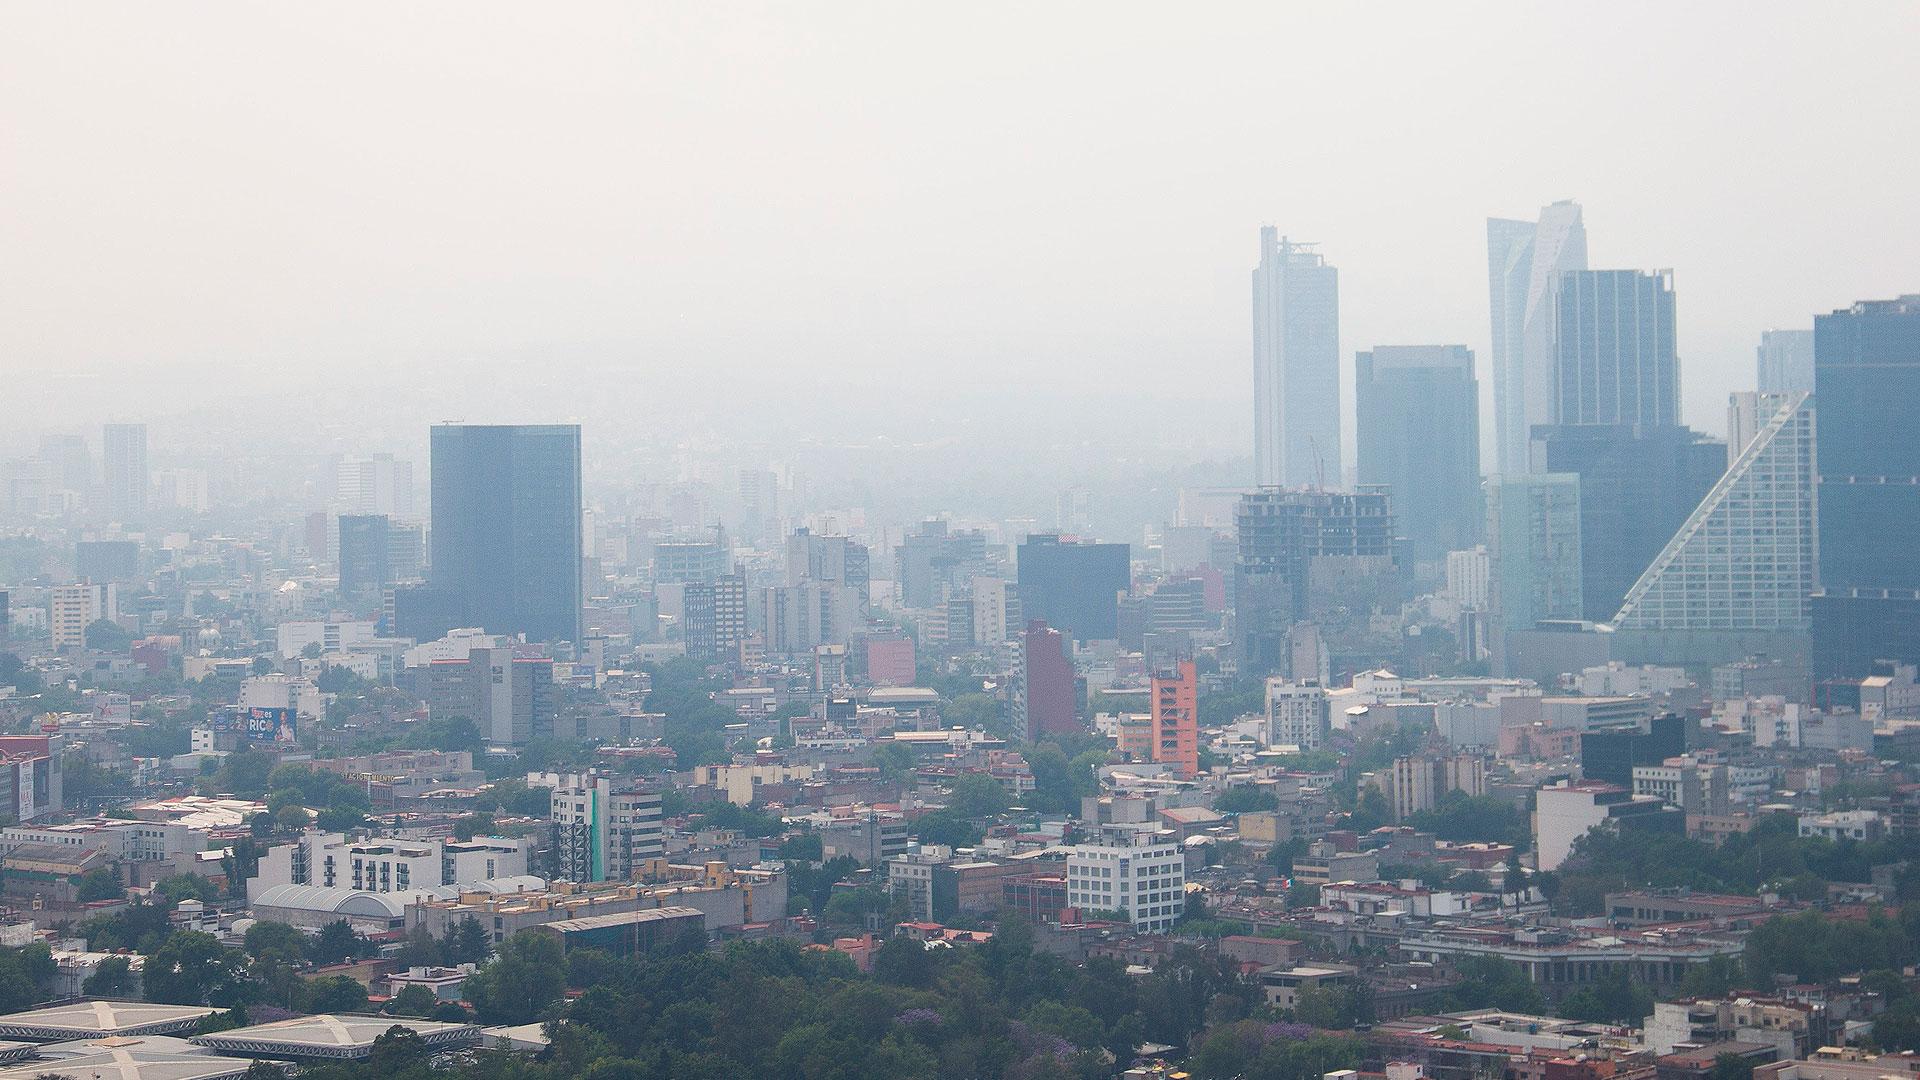 Un día que será recordado por su intensa contaminación en el aire, seguido por intensa lluvia (Foto: Cuartoscuro)